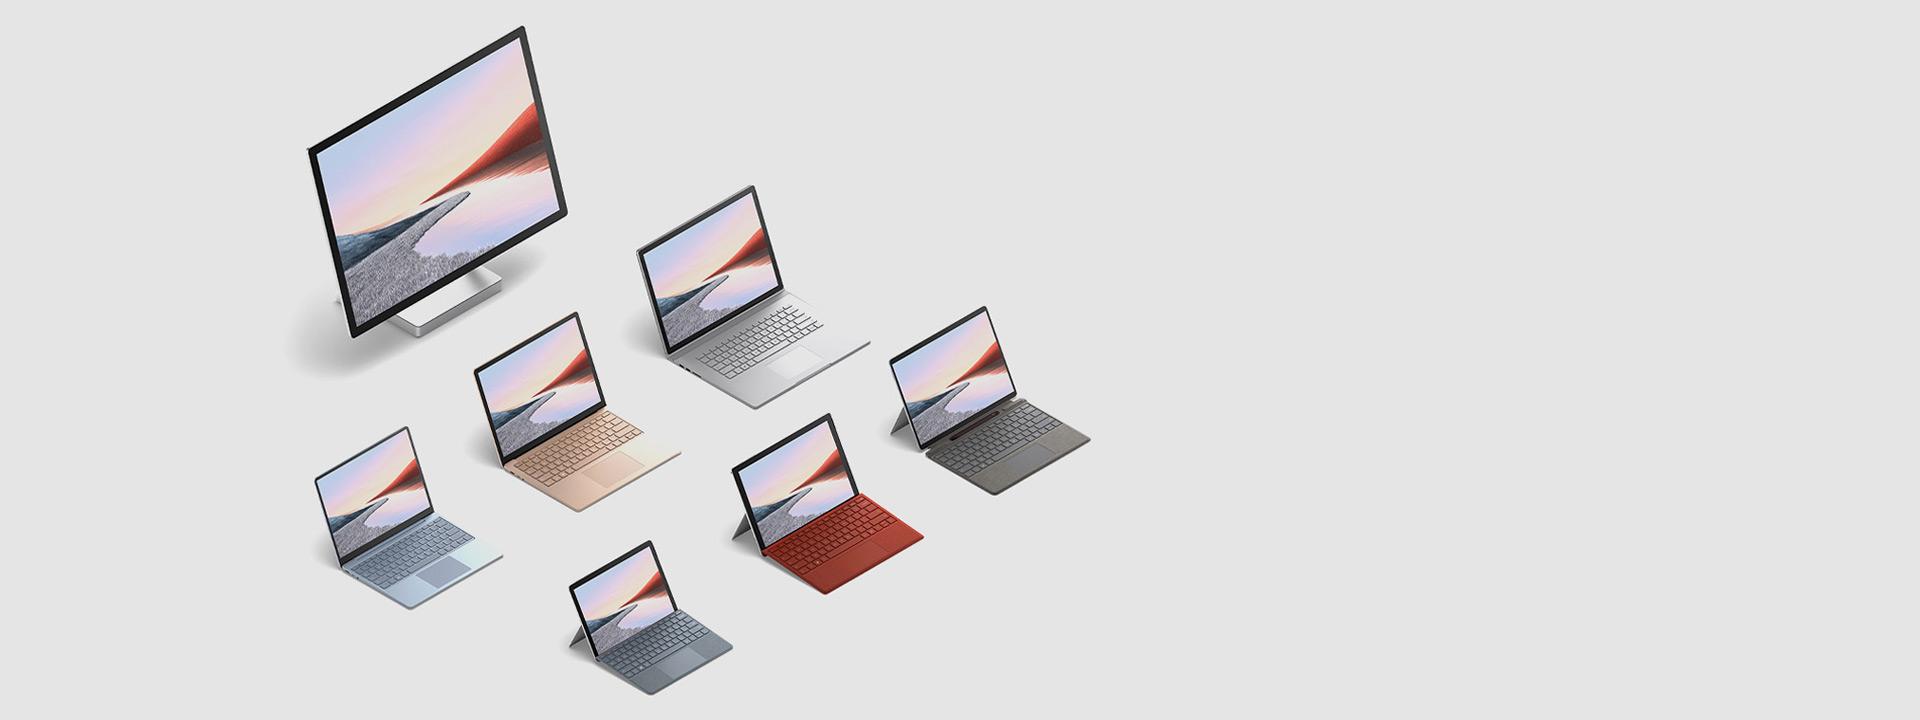 新版 Surface 設備系列